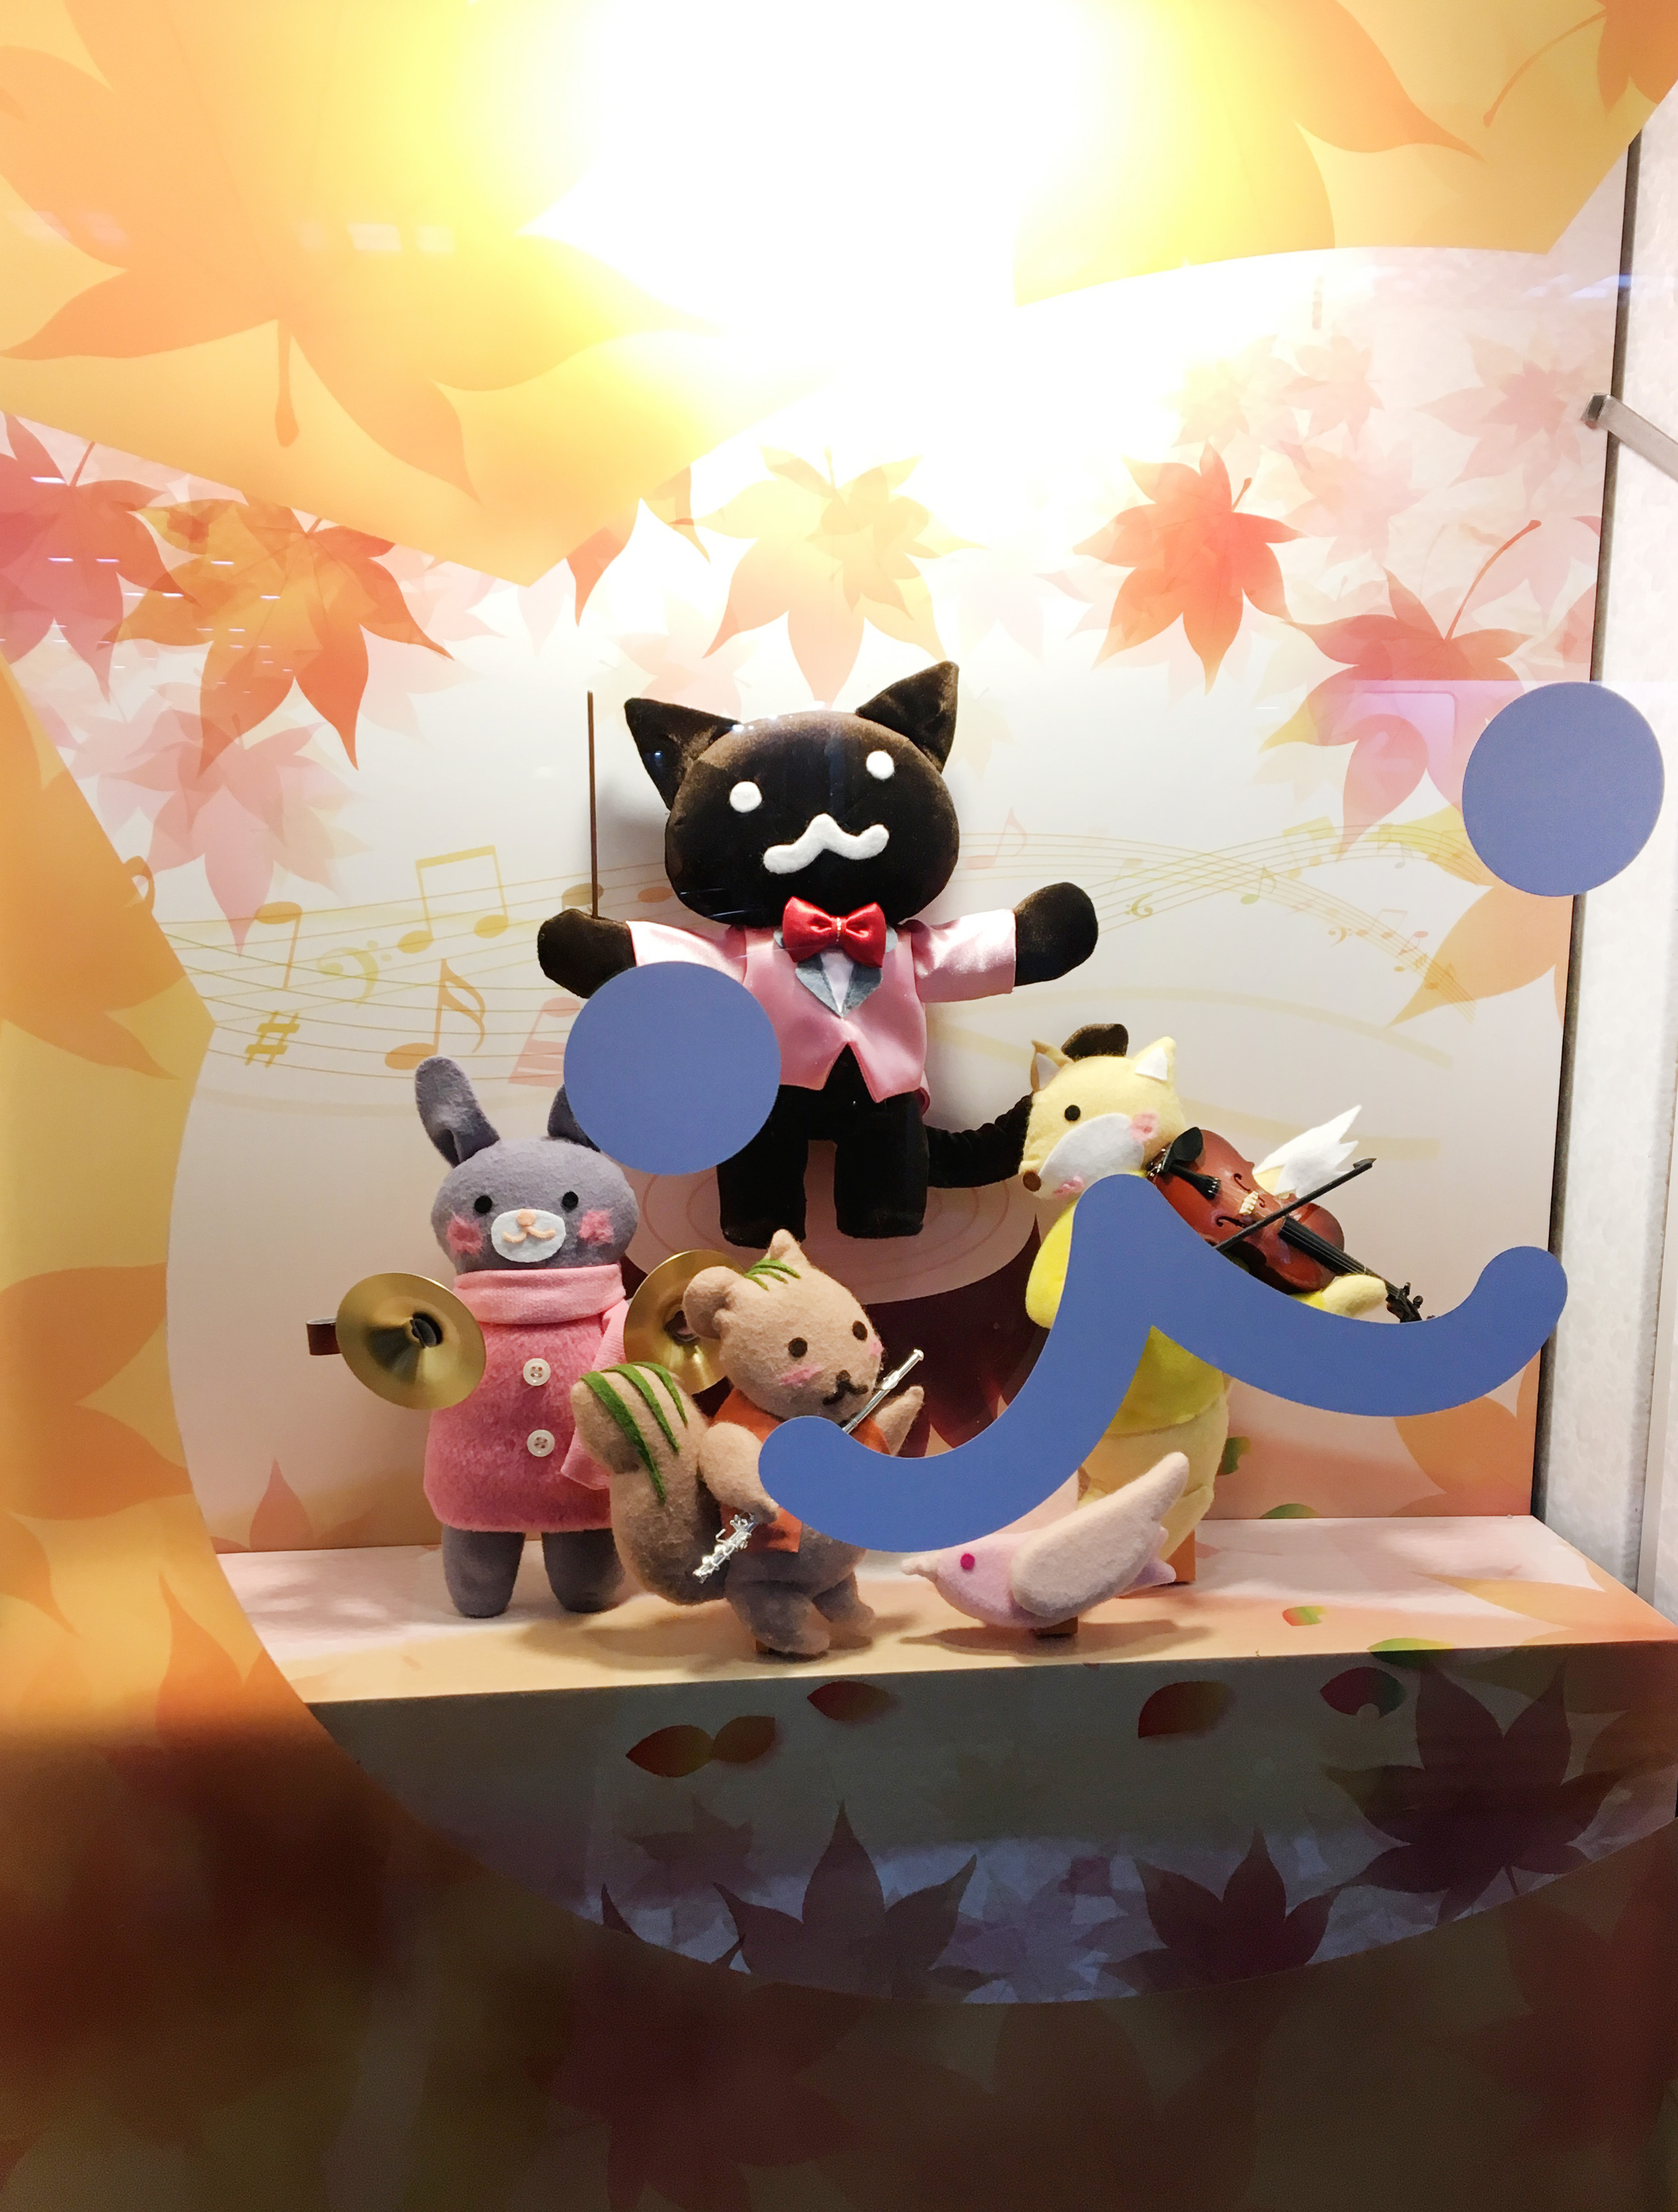 かわいい人形が得意のスタジオセサミ製作の半立体の人形達。イラストのイメージそのままに配色など、細かいこだわりがみごと!